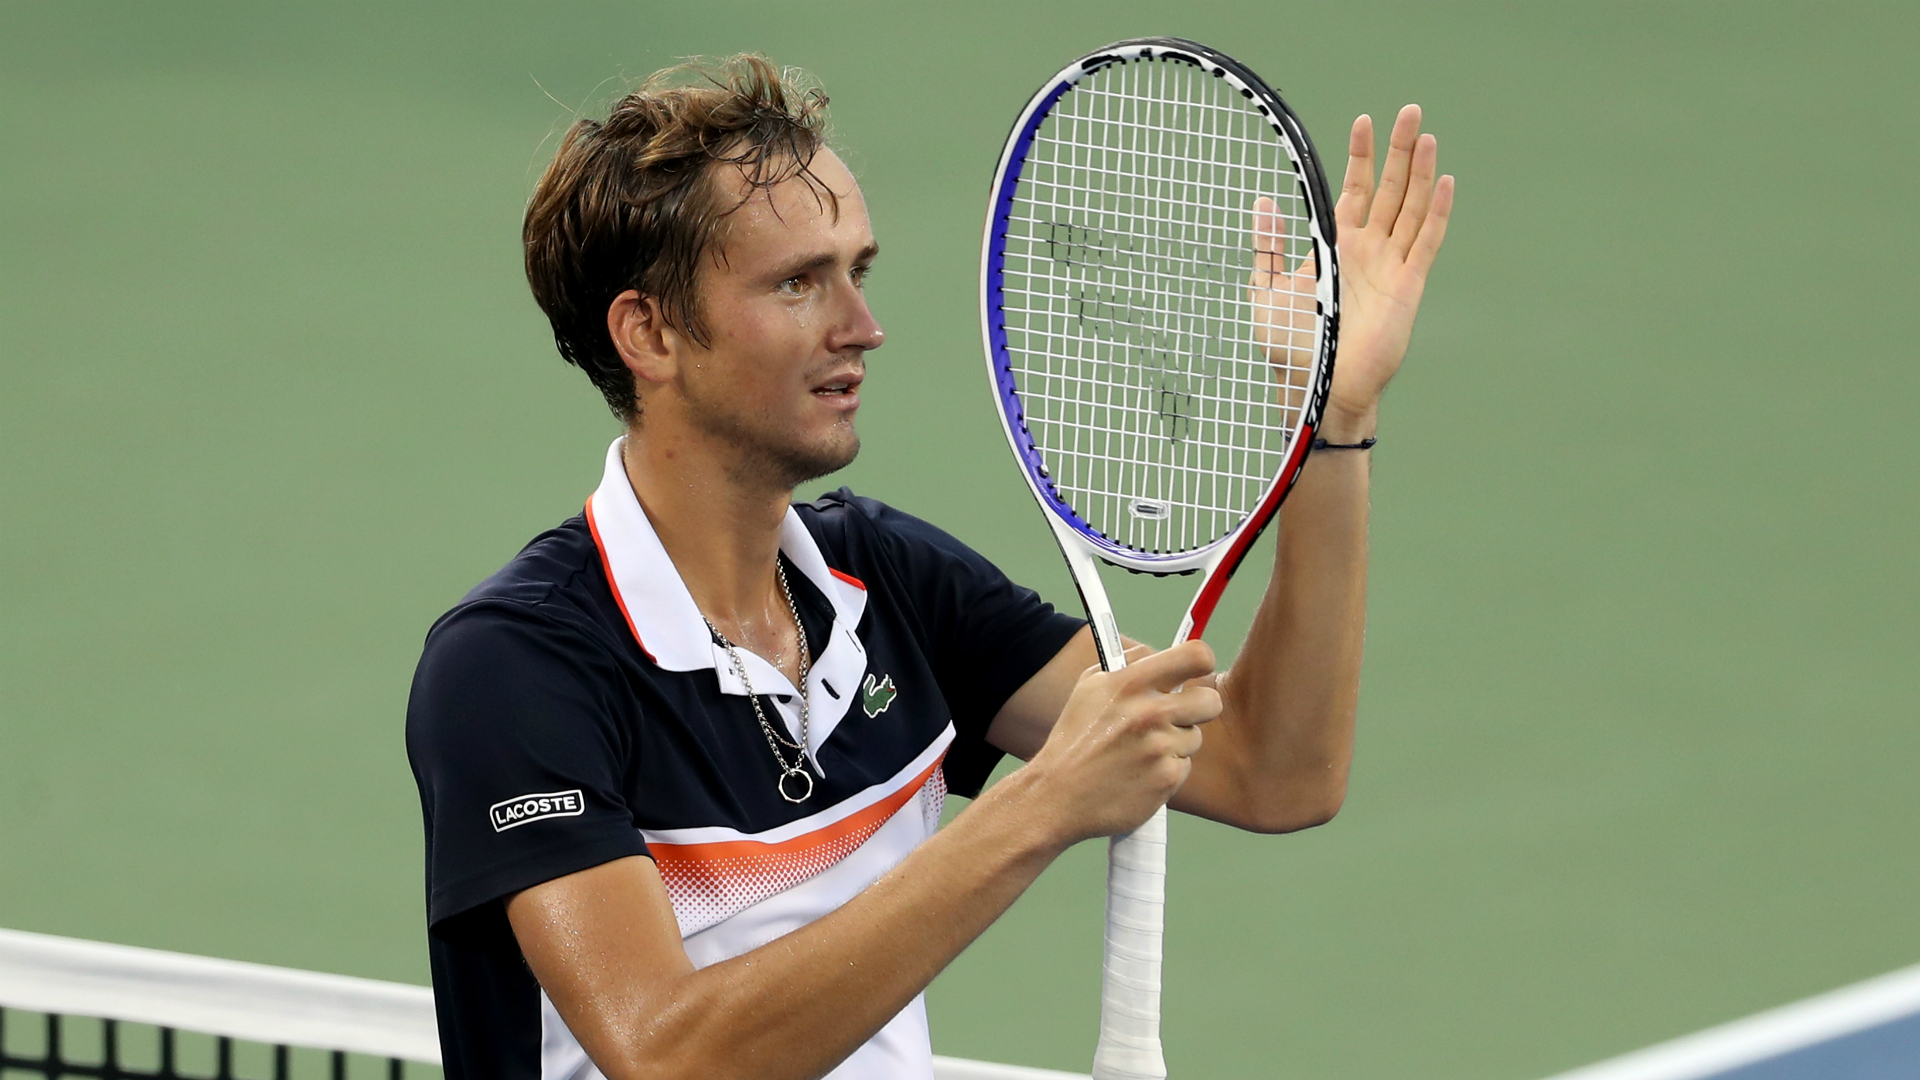 Daniil Medvedev celebrates his win over Novak Djokovic